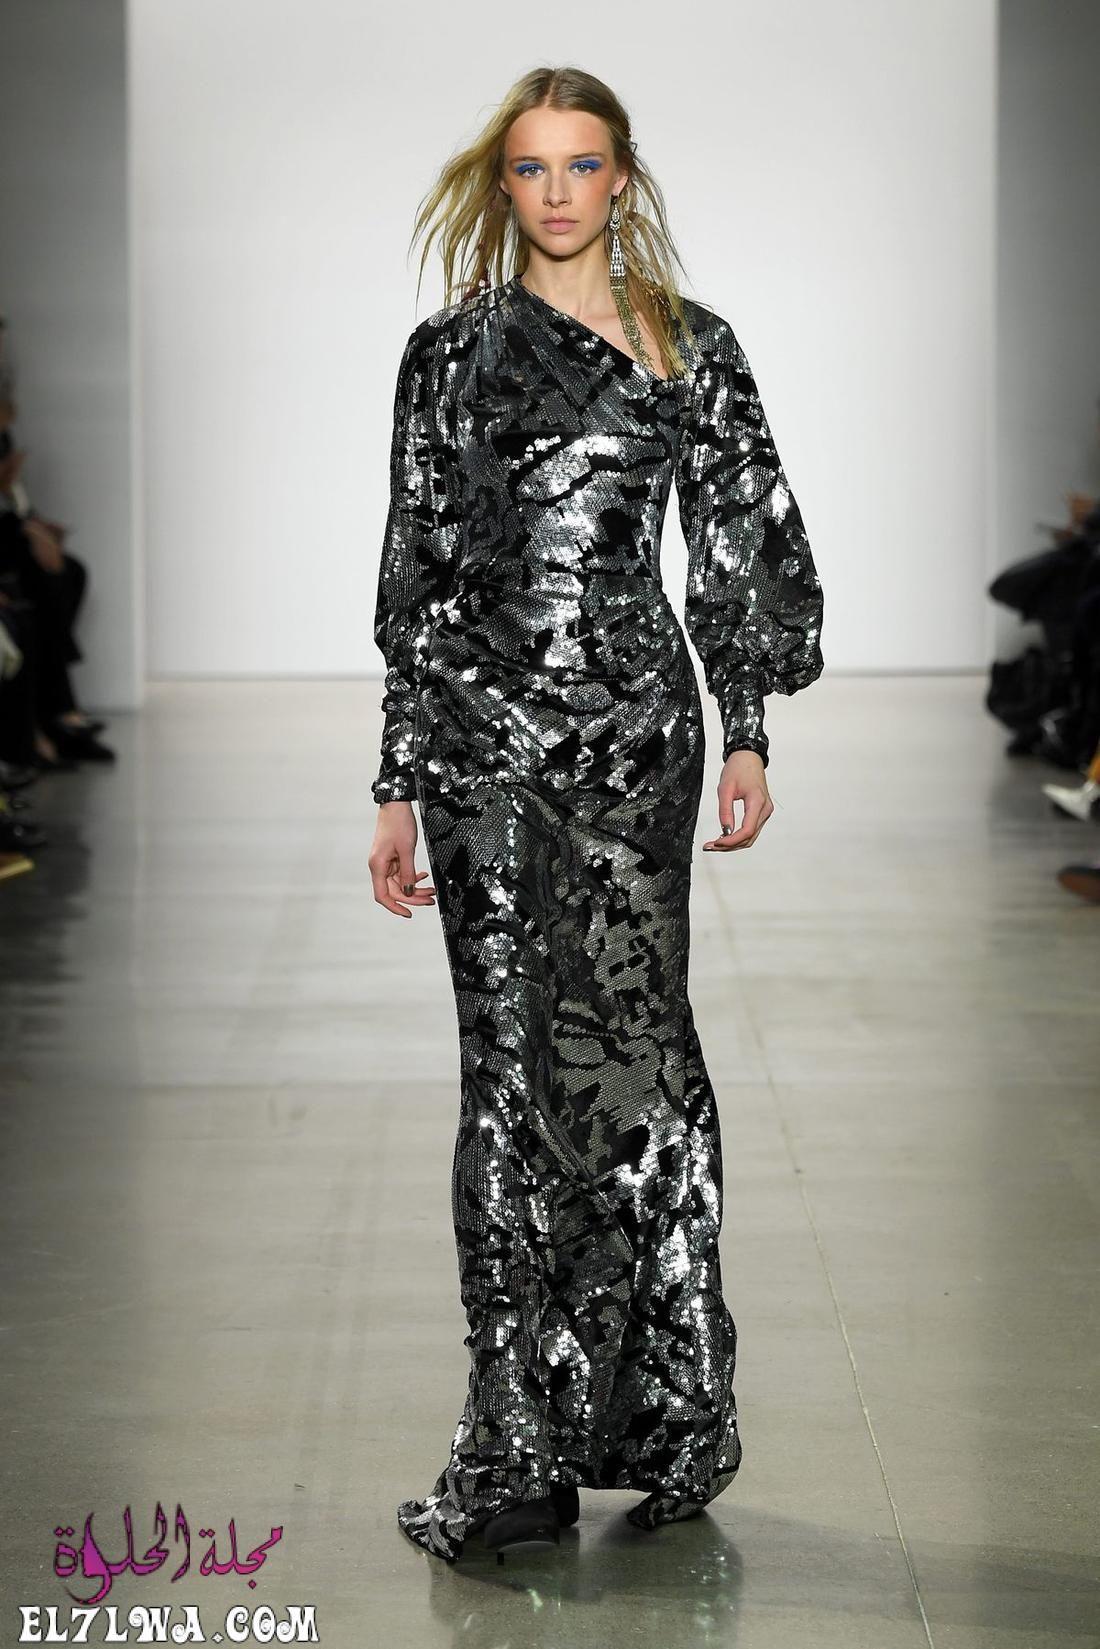 اجمل فساتين سهرة 2021 موديلات فساتين سهرة موضة 2021 قد م المصممون مجموعة من أجمل فساتين سهرة لعام ٢٠٢١ Beautiful Evening Dresses Fashion New York Fashion Week